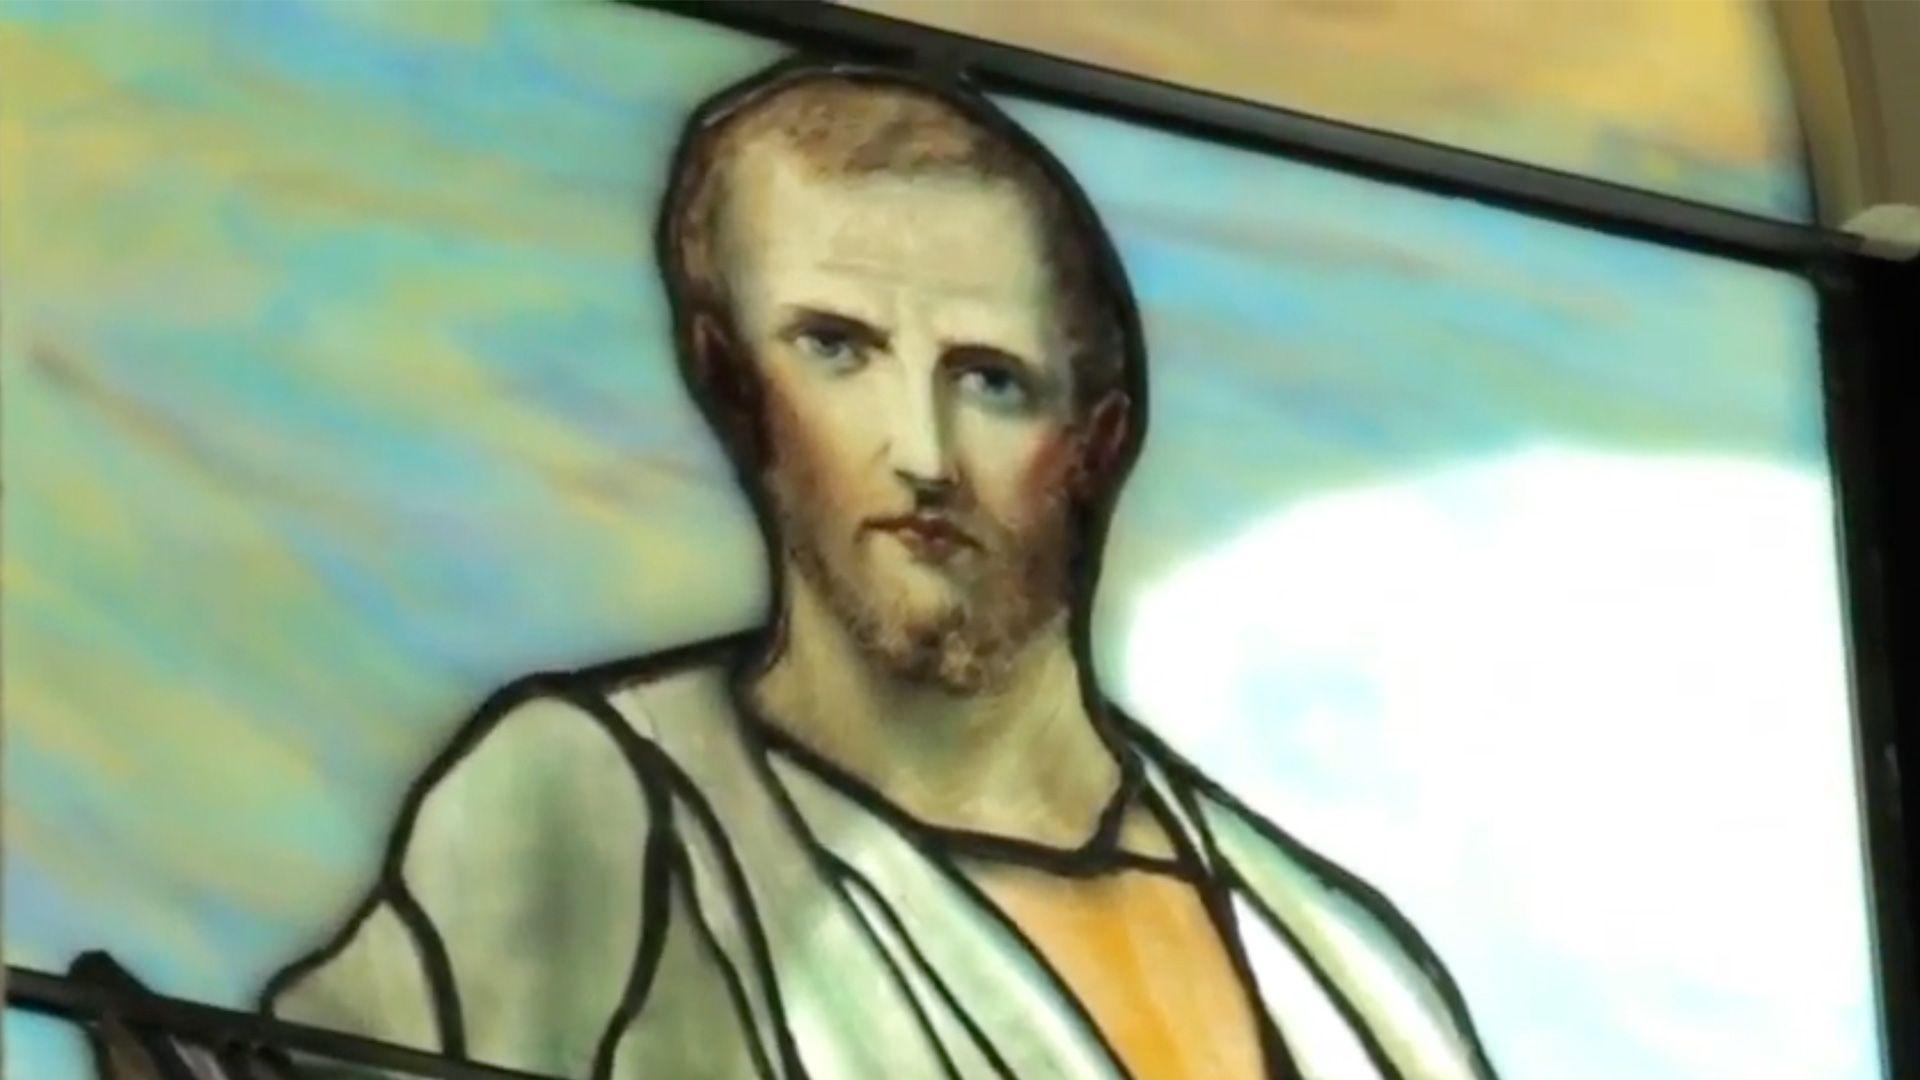 capture vidéo du vidéo du MBAM sur l'installation des vitraux Tiffany dans la Salle Bourgie